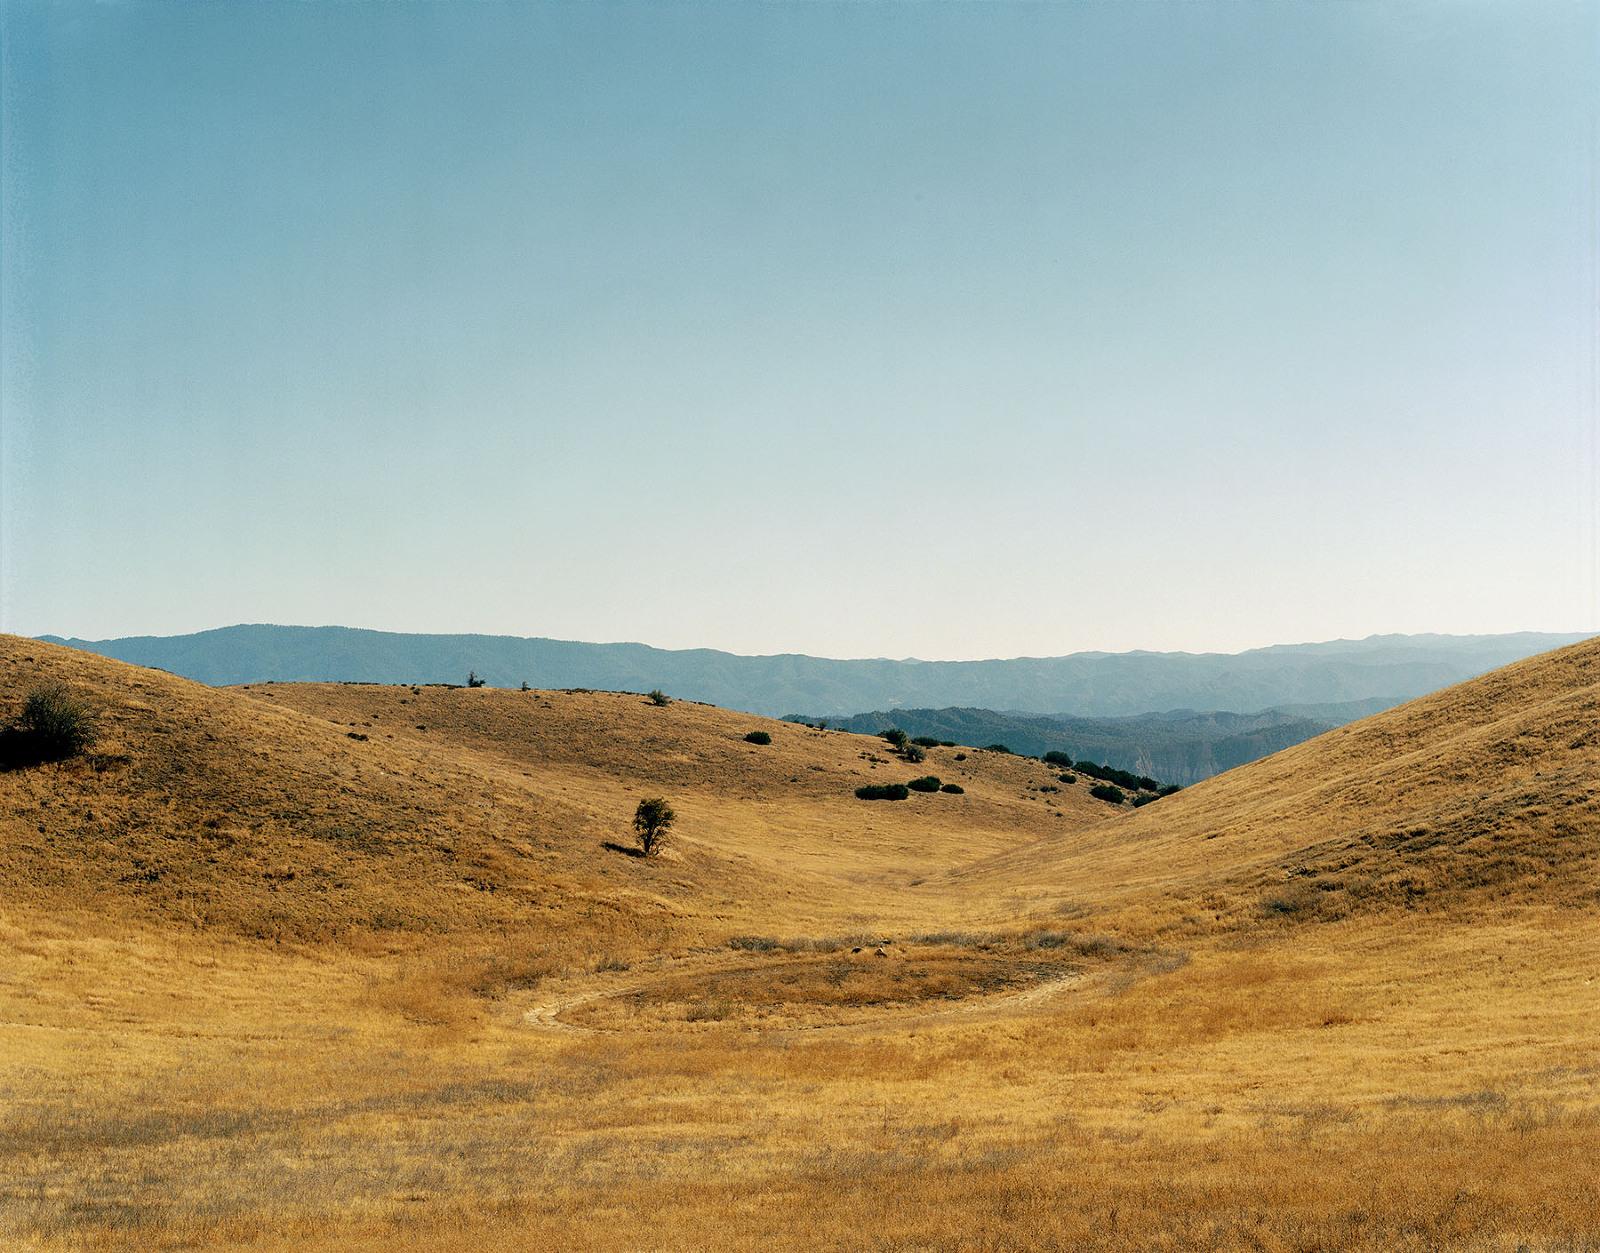 Near San Bernadino, California